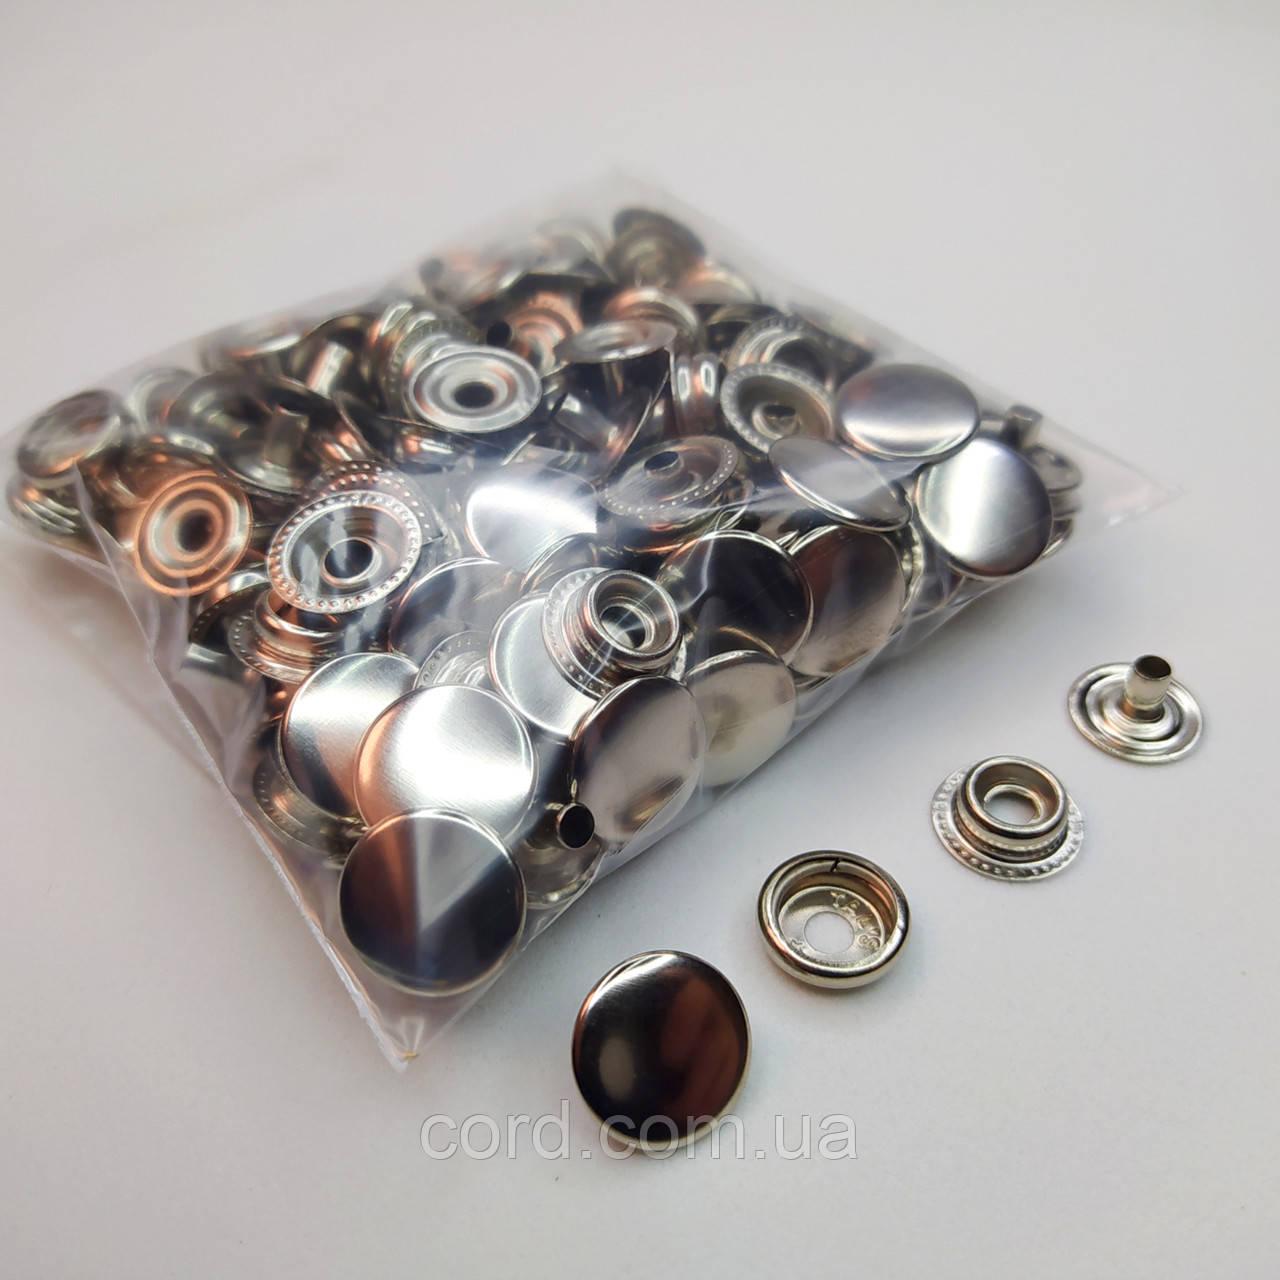 Кнопка киевская №61, 15 мм (кольцевая), Дашка, Капа. Упаковка (50 шт.)